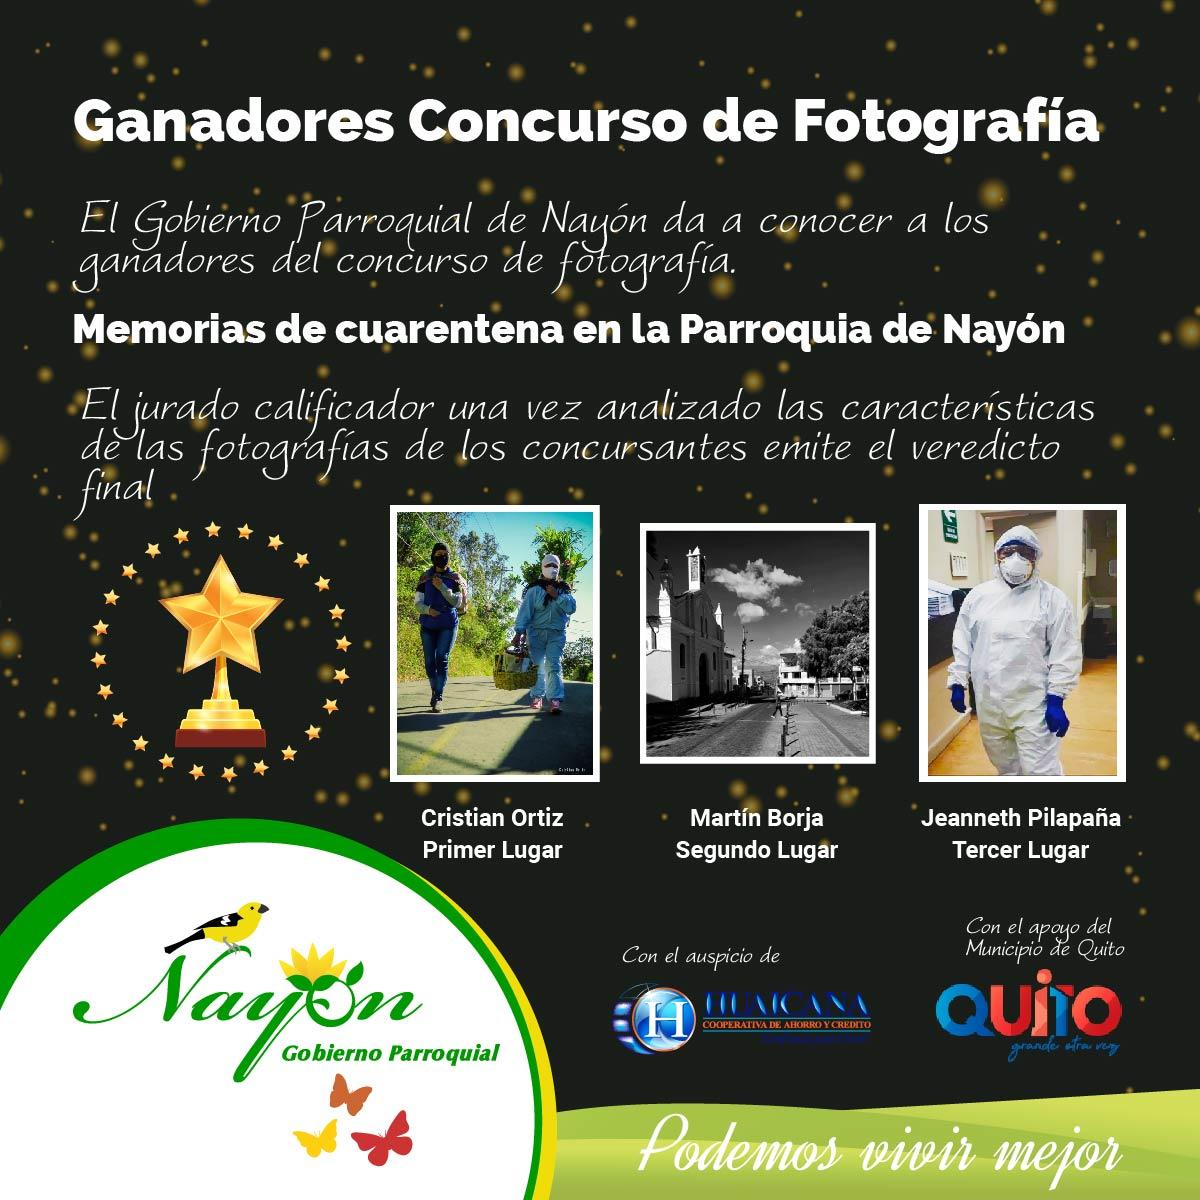 Ganadores Concurso de Fotografía Memorias de Cuarentena en la parroquia de Nayón